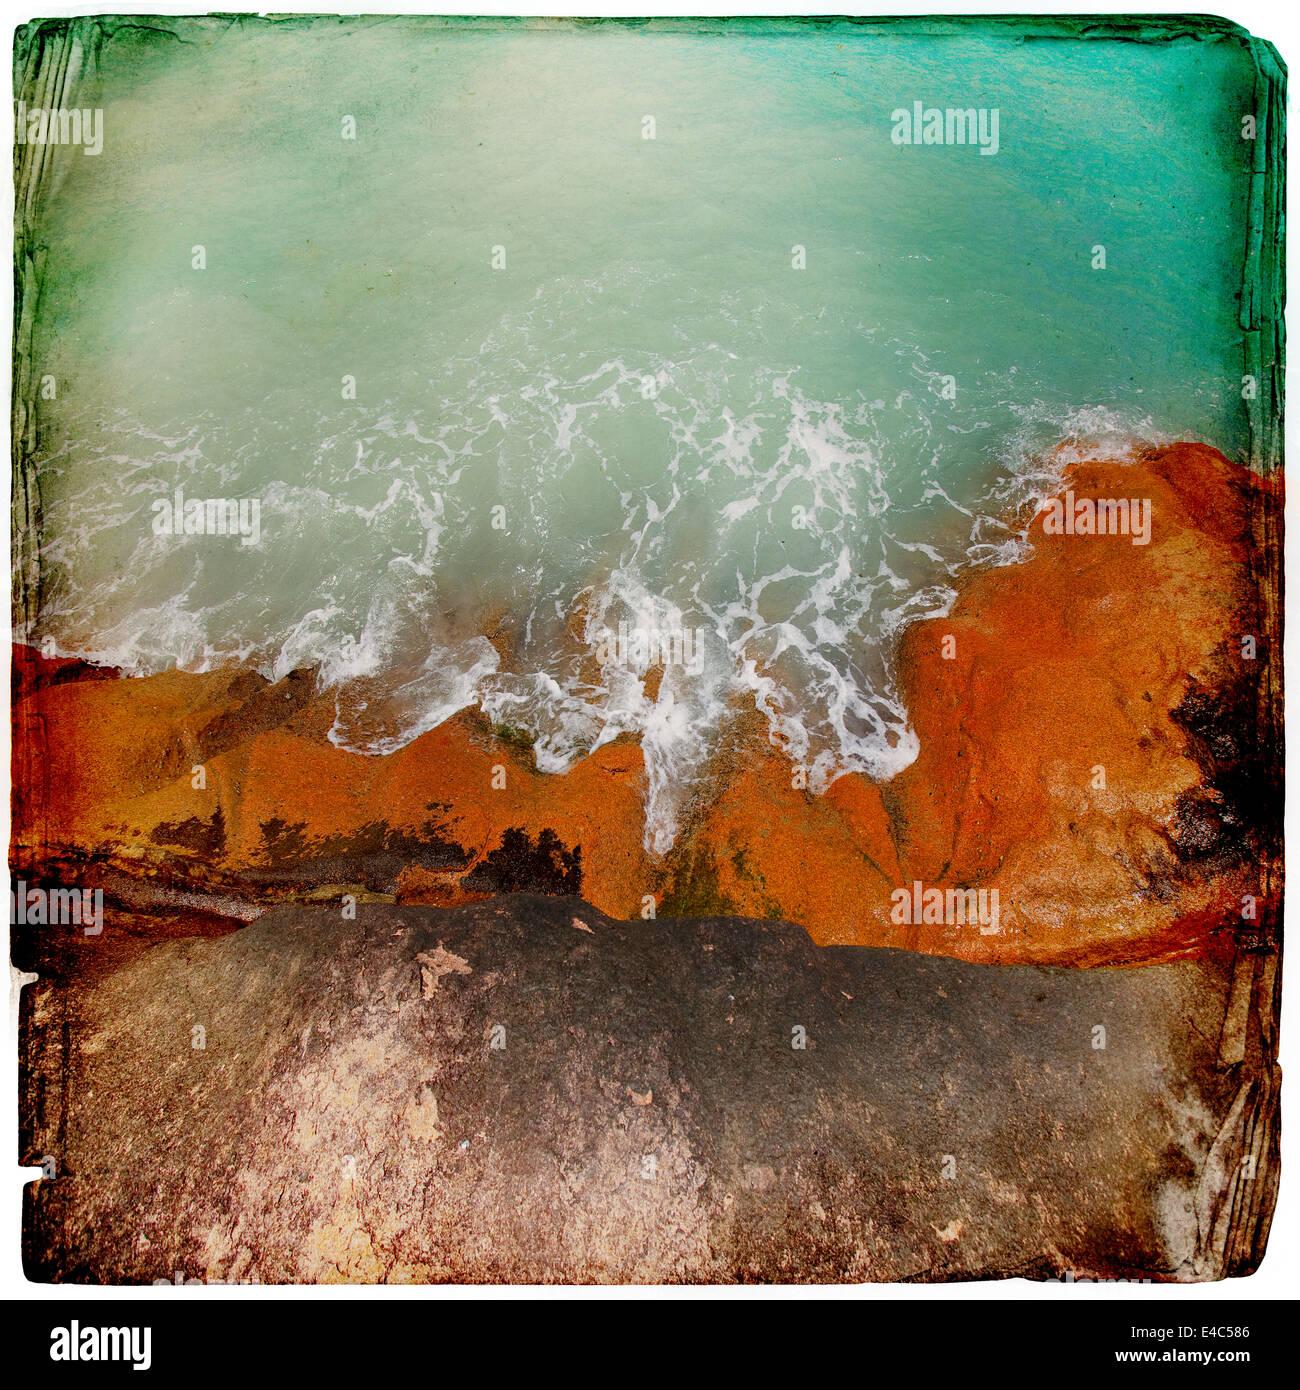 Granitfelsen im Wasser Hintergrund Stockbild